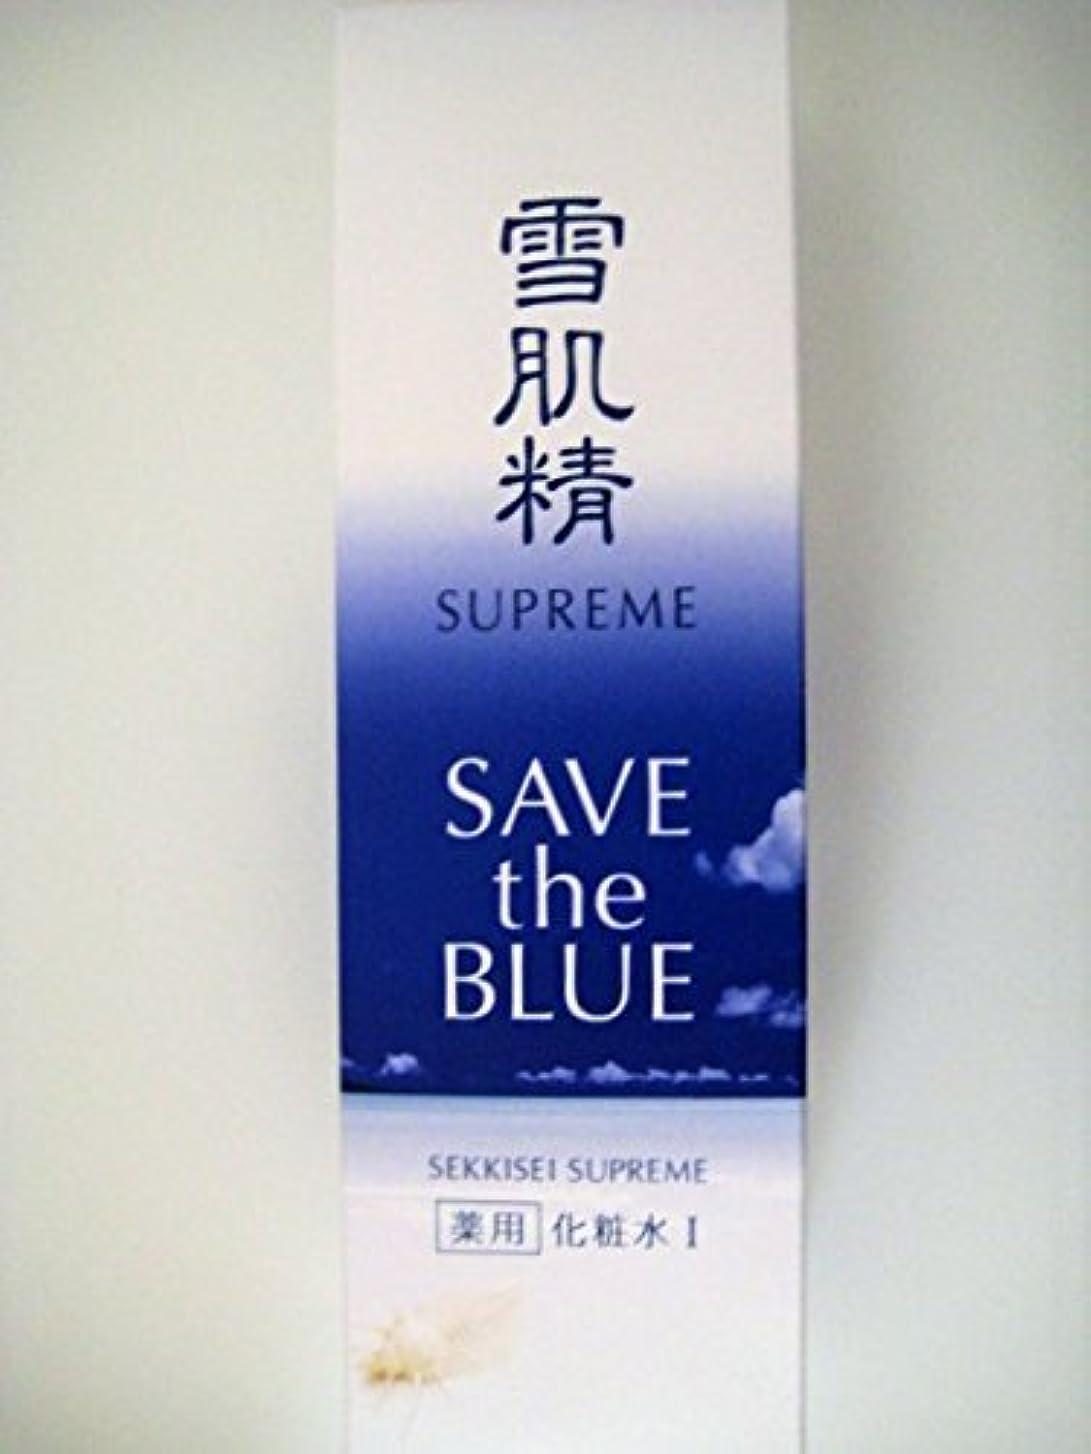 間接的ペデスタル大洪水雪肌精 シュープレム 化粧水 Ⅰ SAVE THE BLUE 400ml